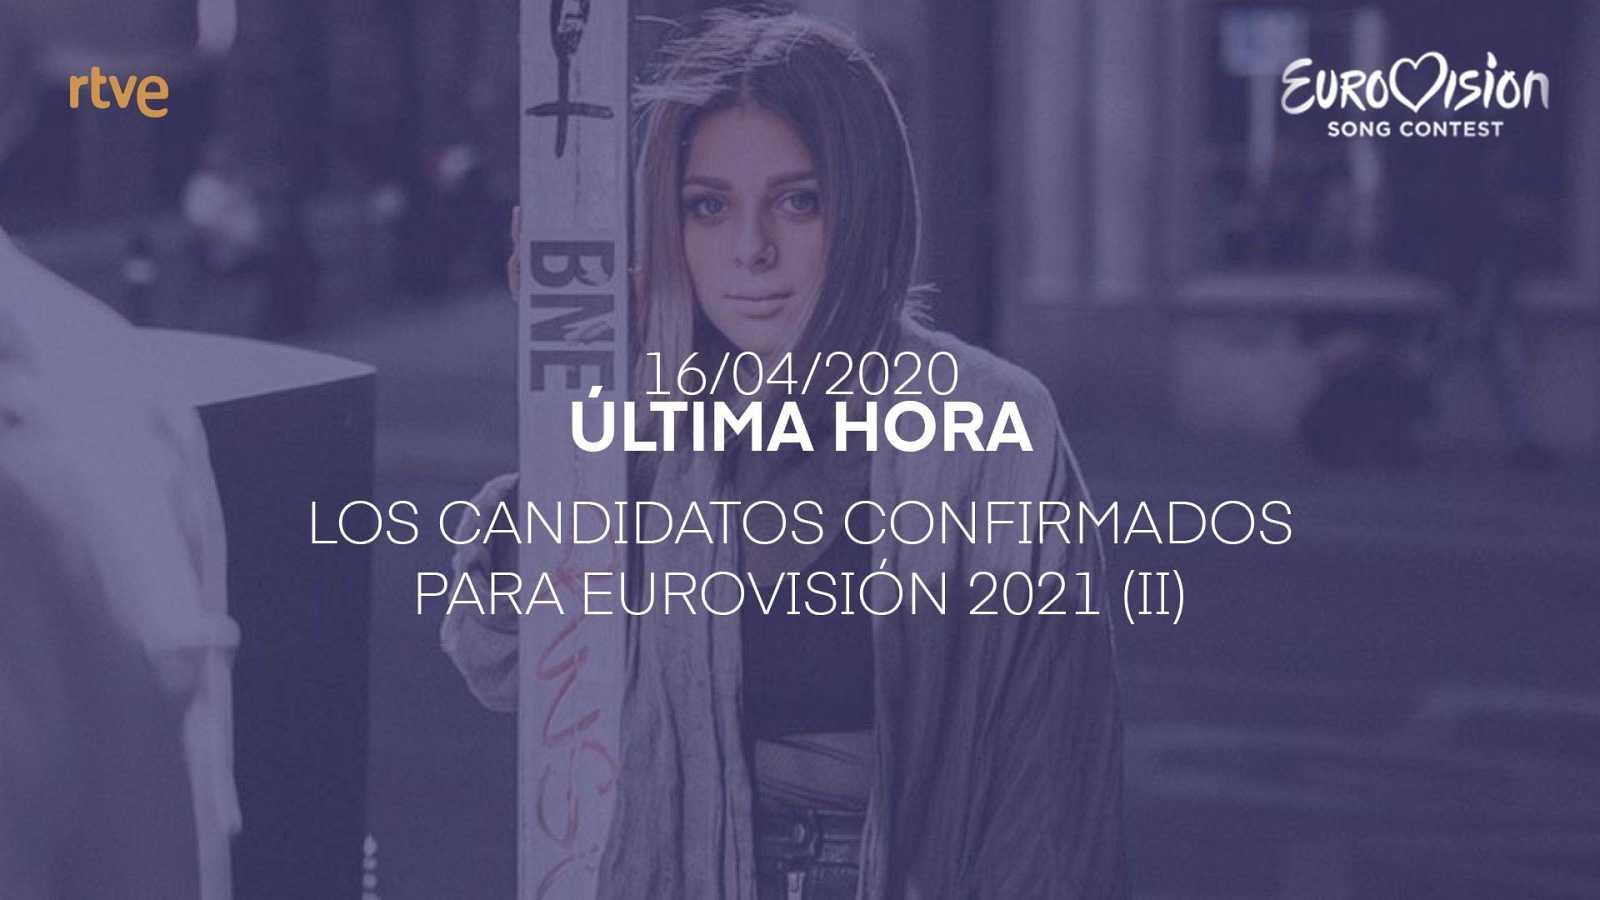 Los candidatos confirmados para Eurovisión 2021 (II)